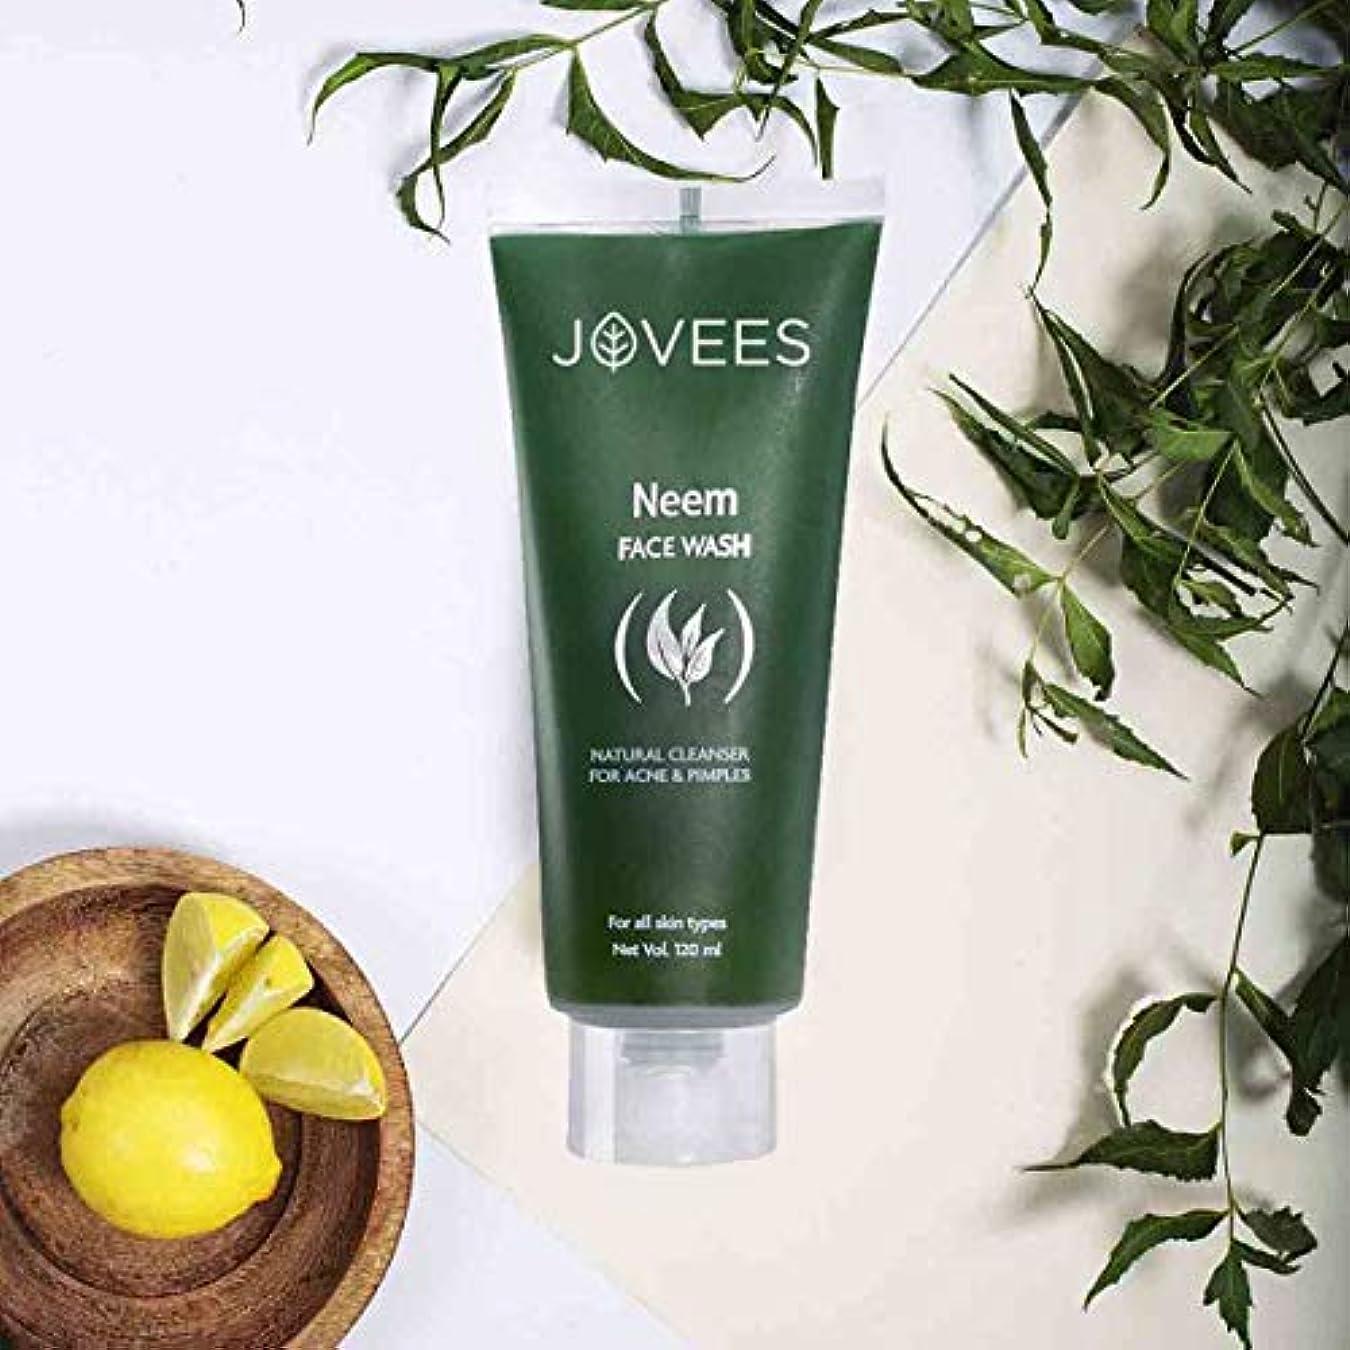 ハウジング精緻化一方、Jovees Natural Neem Face Wash 120ml help mitigate pimple & Acne improve skin complexion ナチュラルニームフェイスウォッシュがニキビの...